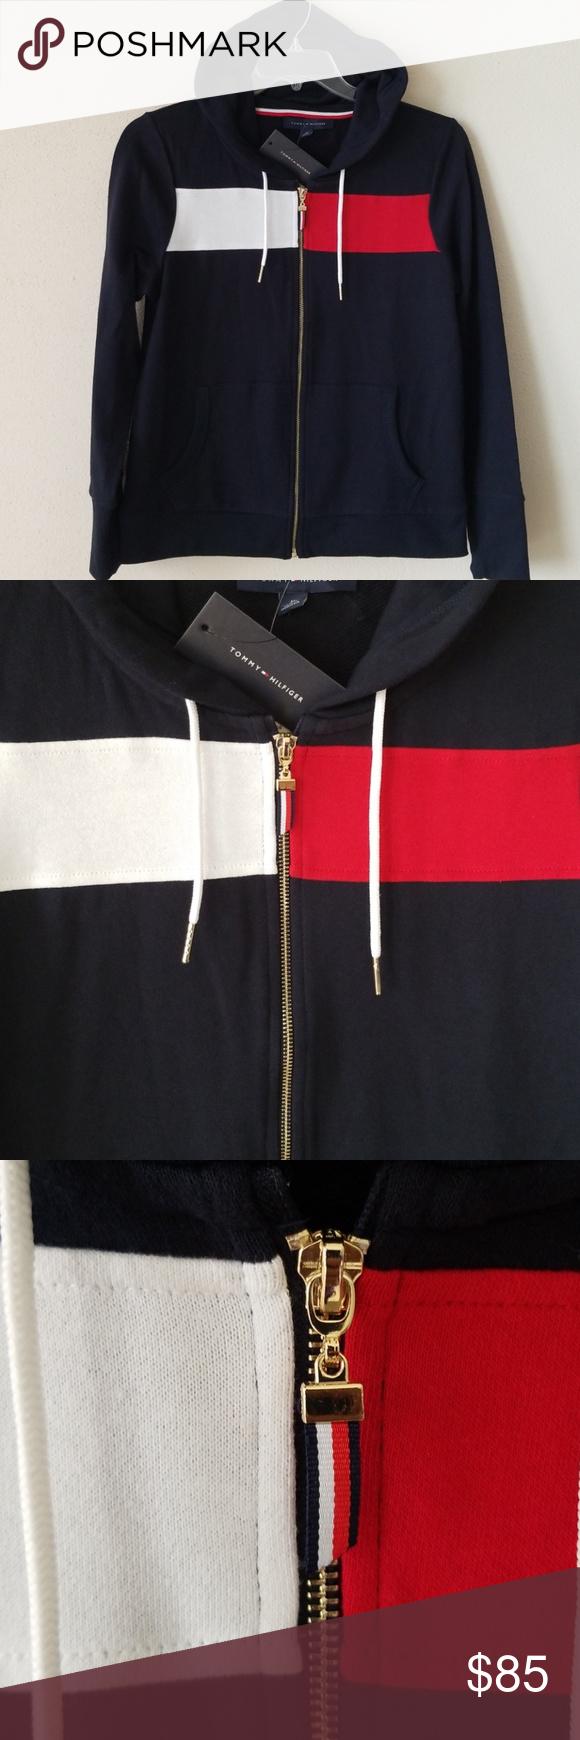 Tommy Hilfiger Zip Up Hoodie NWT Colorful hoodies